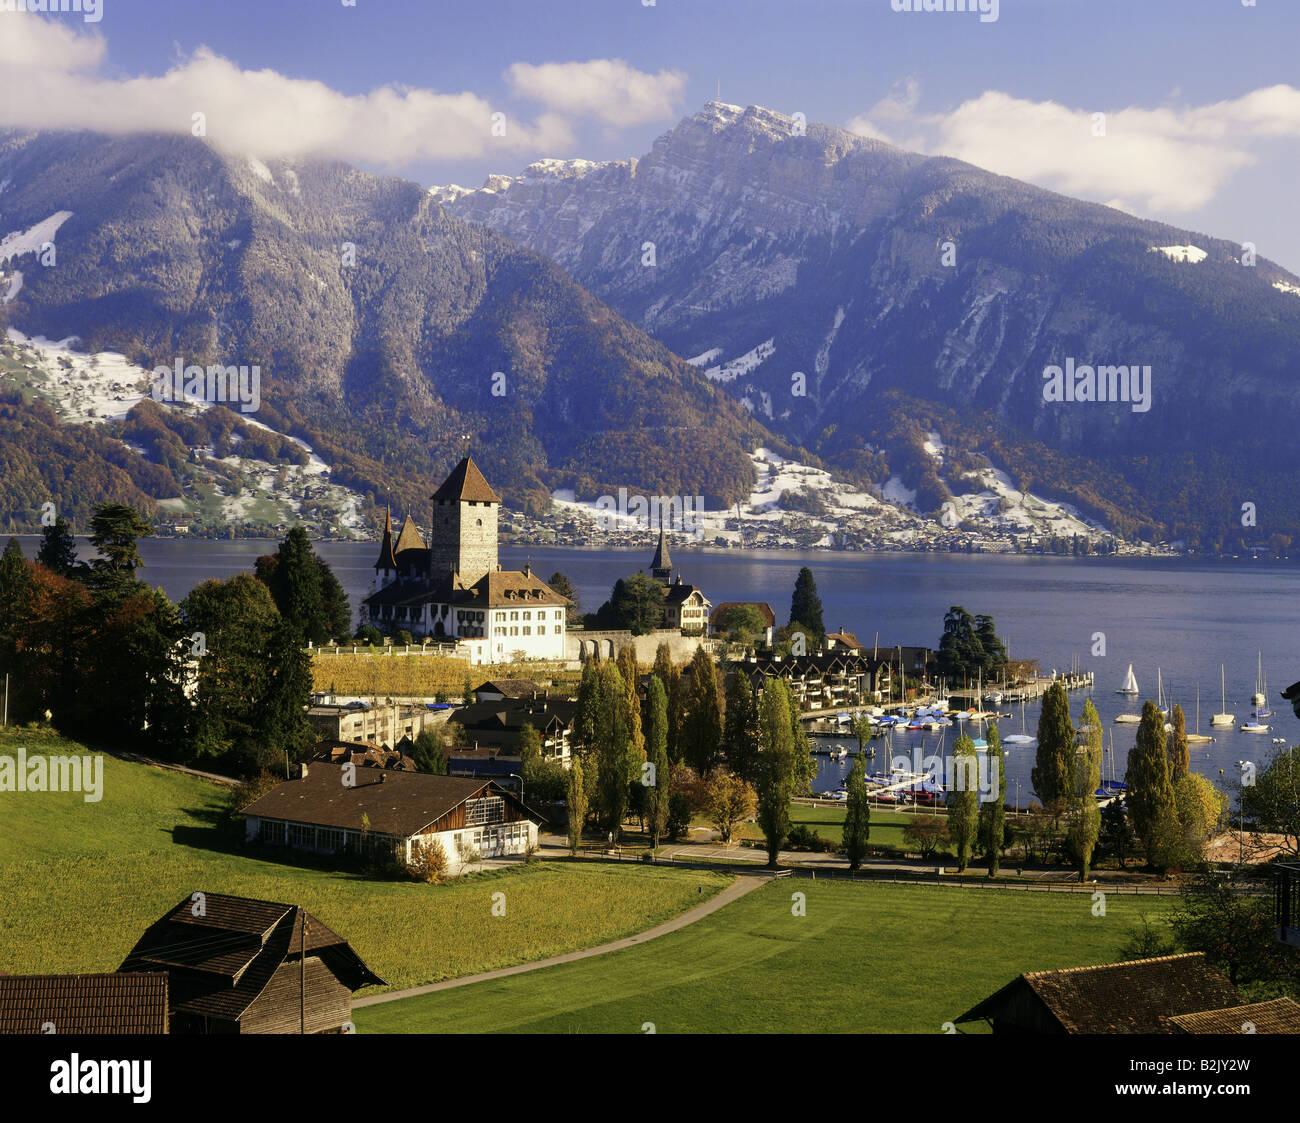 Geography / Travel, Switzerland, Bern, Spiez, City Views